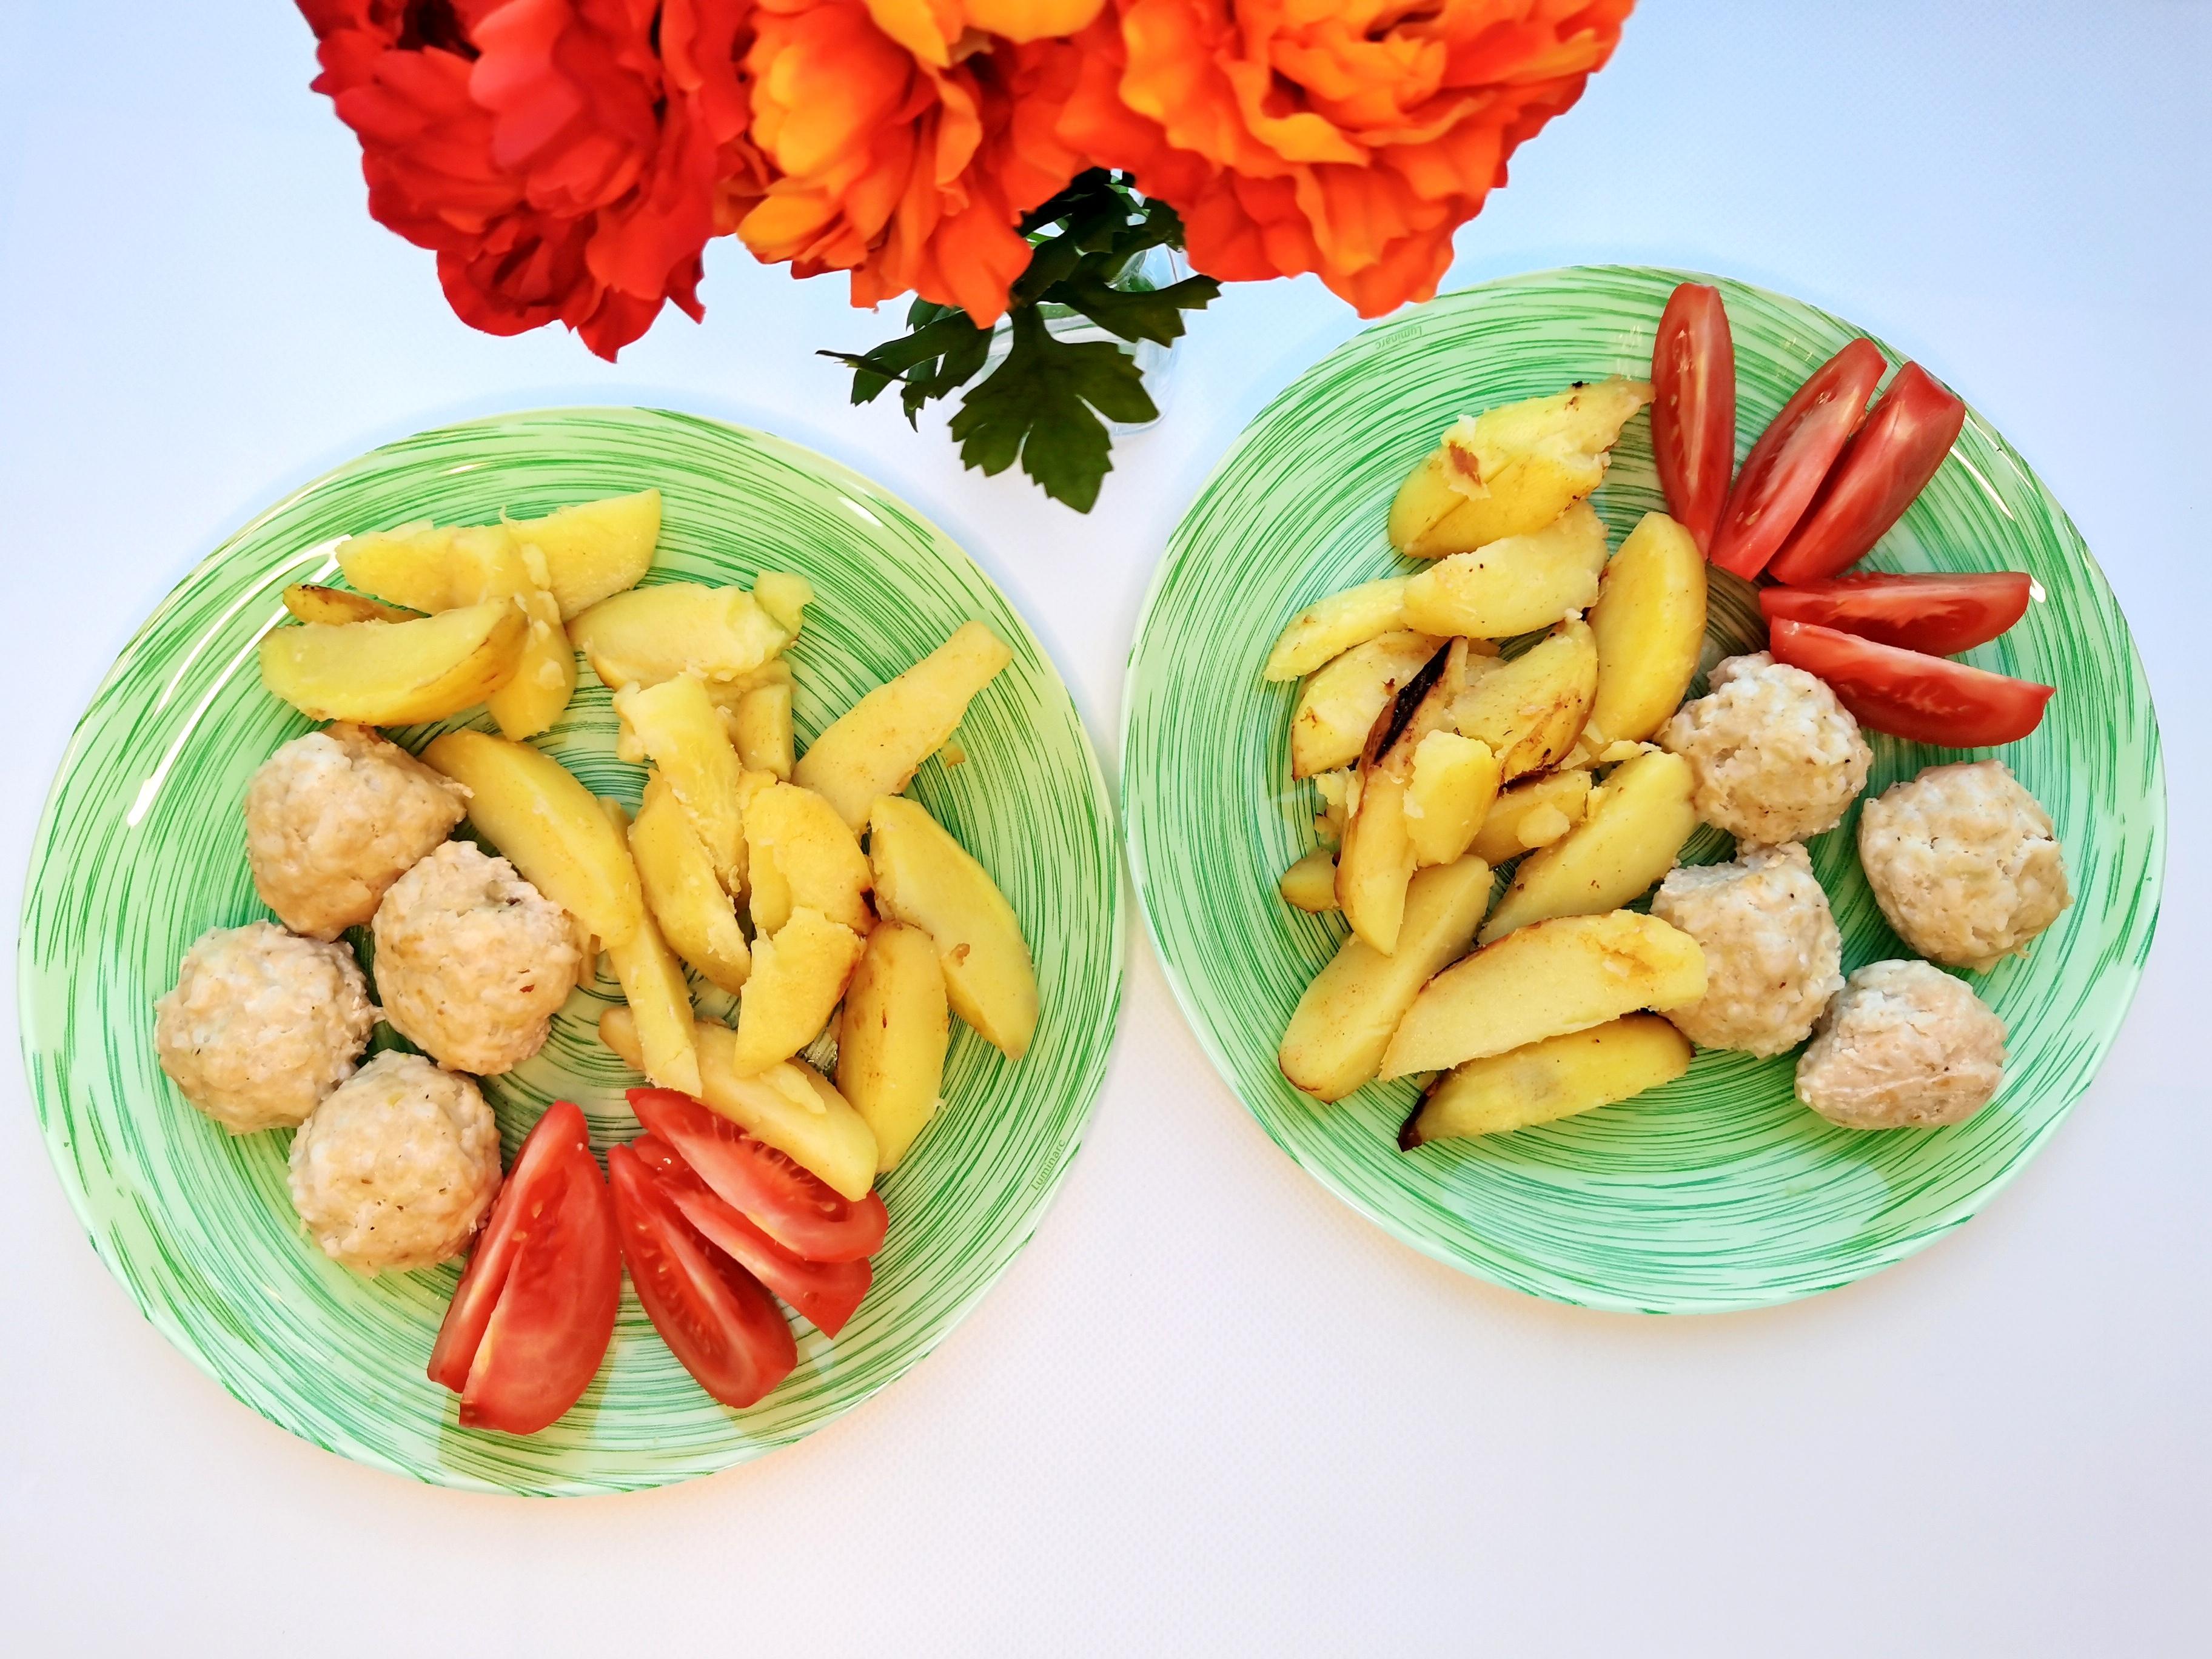 тефтельски с запеченным картофелем и помидорами